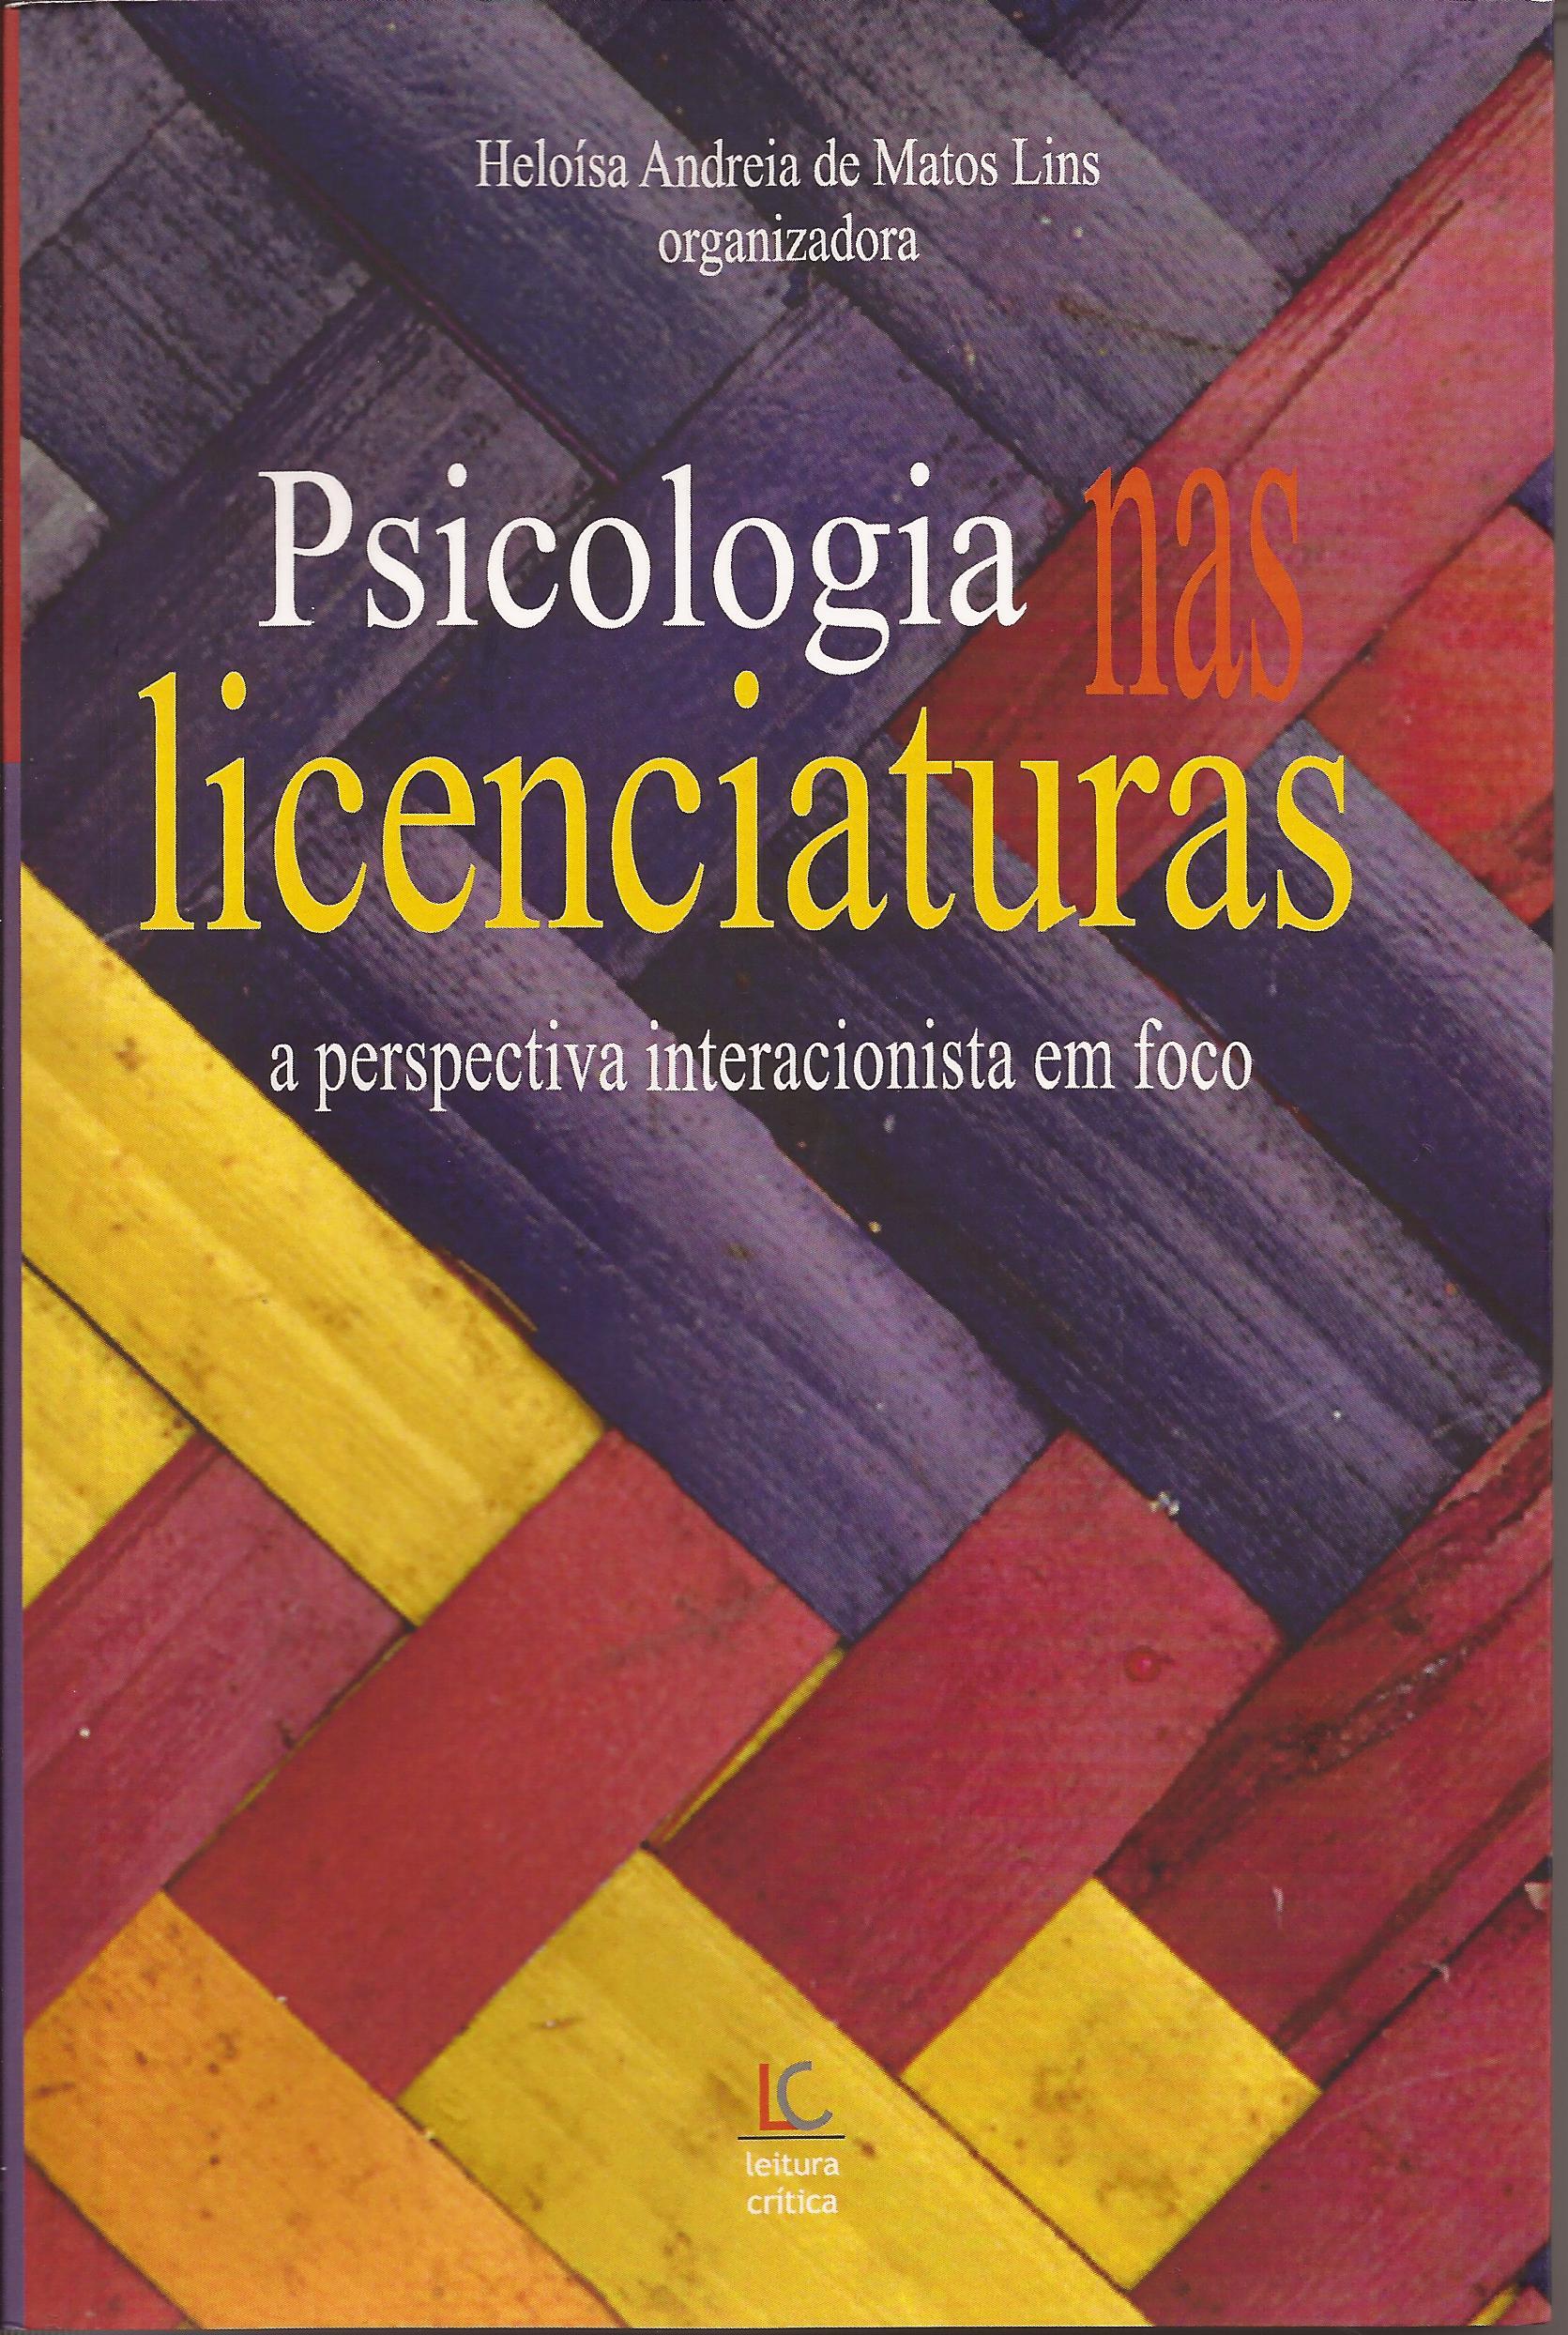 Psicologia nas licenciaturas – a perspectiva interacionista em foco